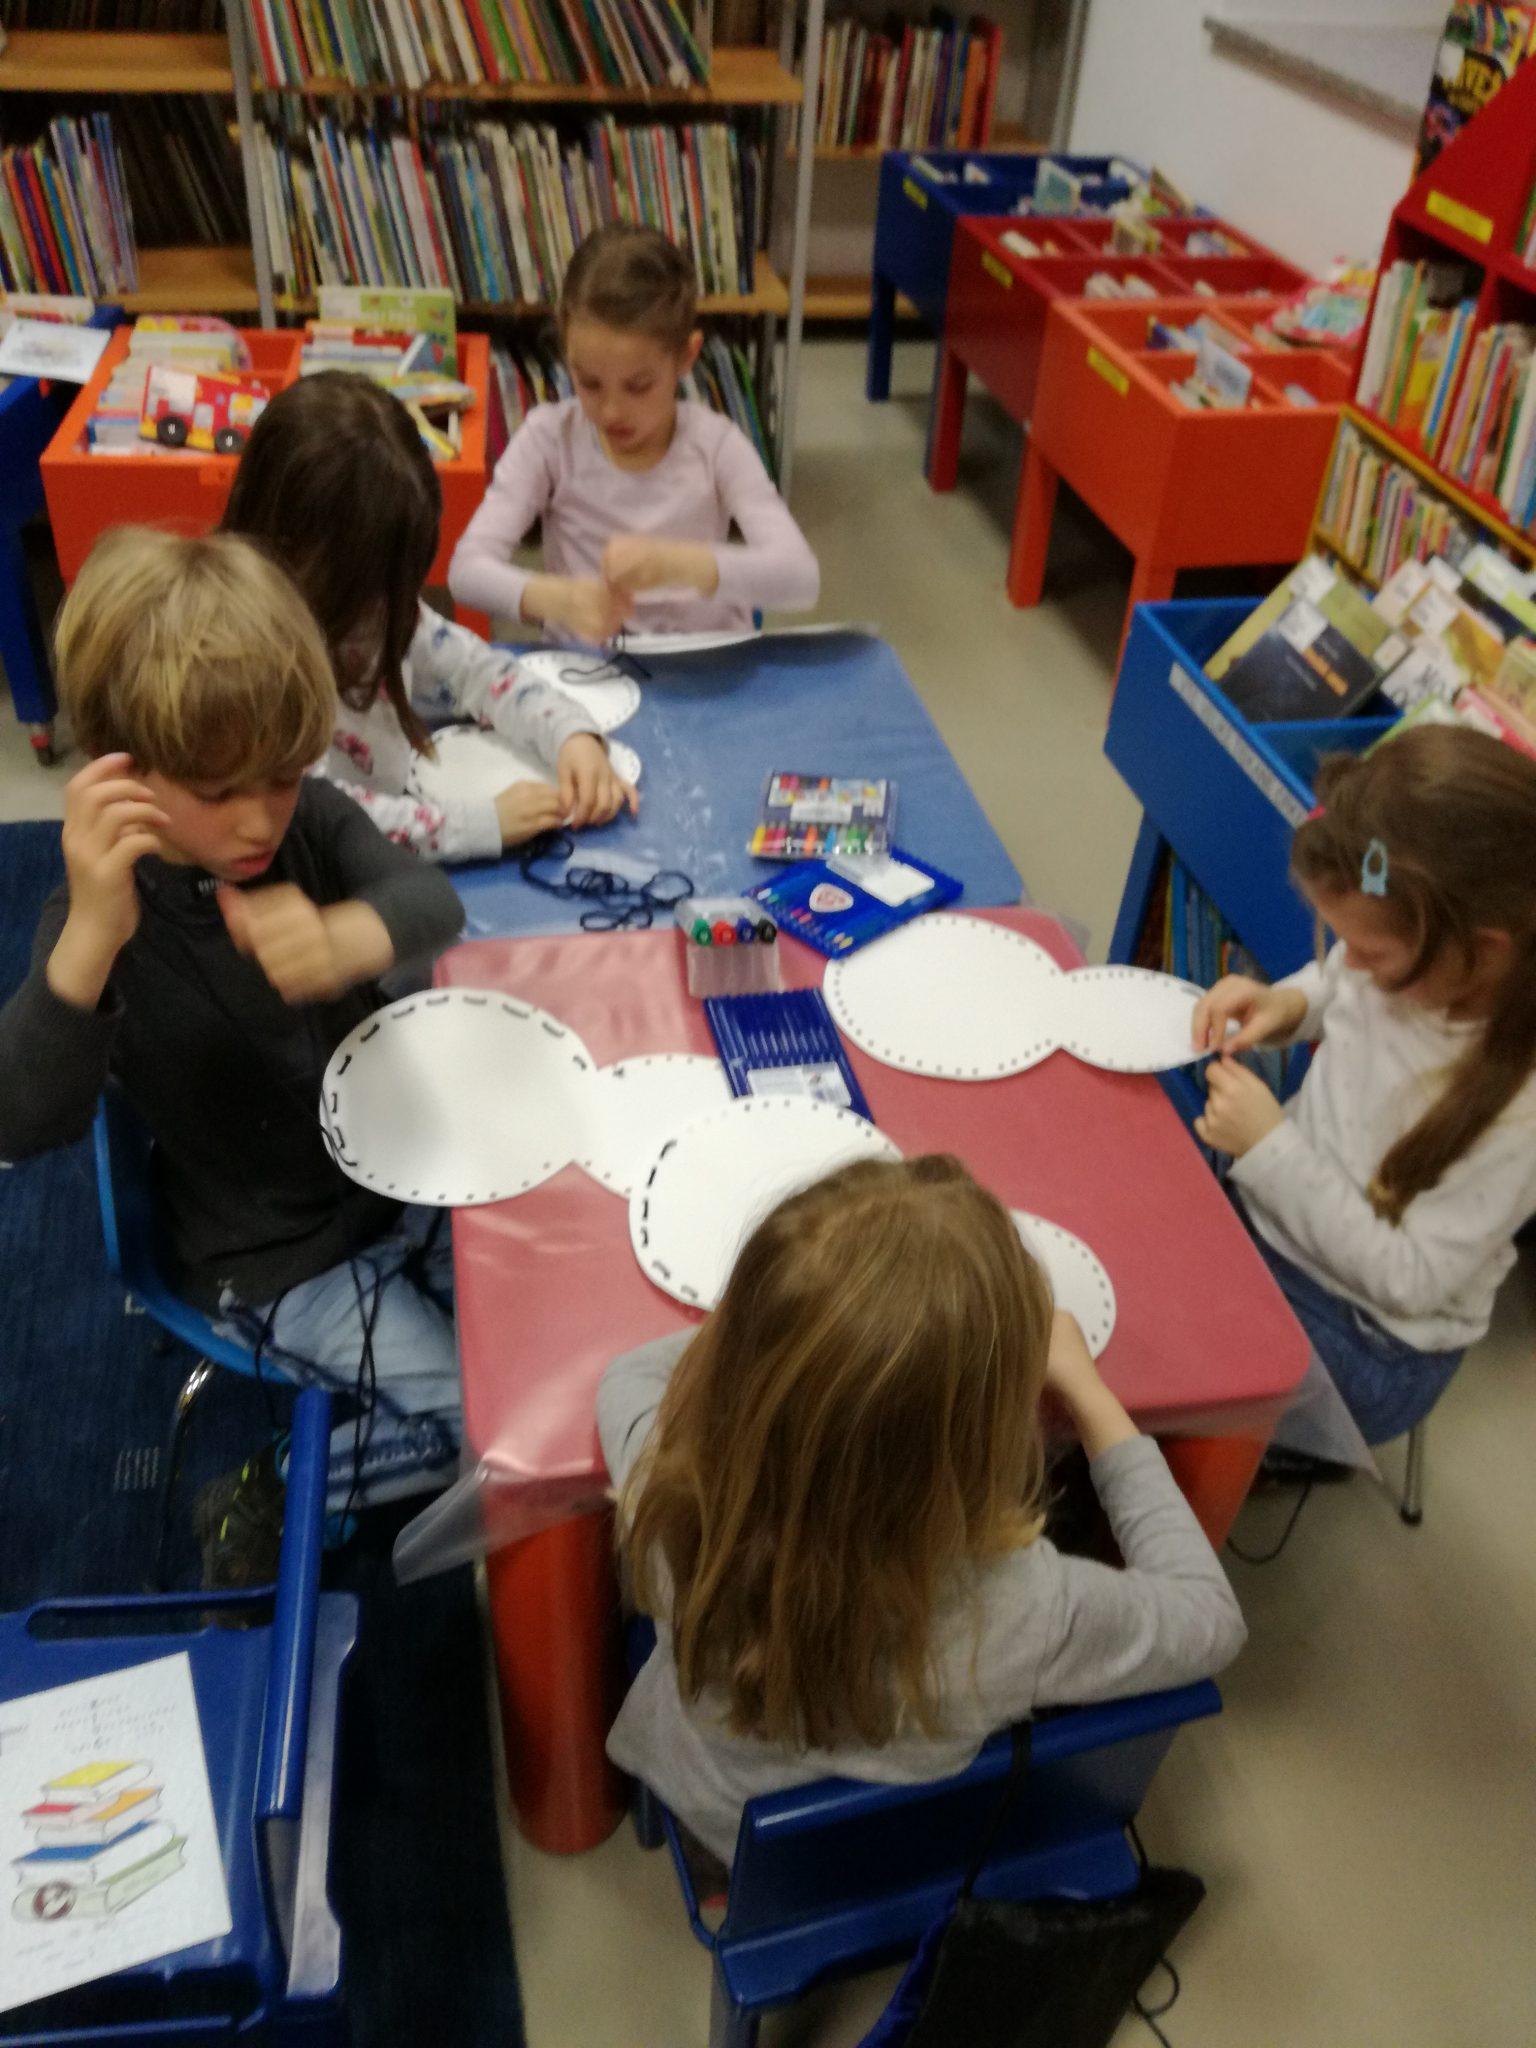 IMG 20190311 172005 - Pravljična urica z ustvarjalno delavnico za otroke od 4. leta dalje